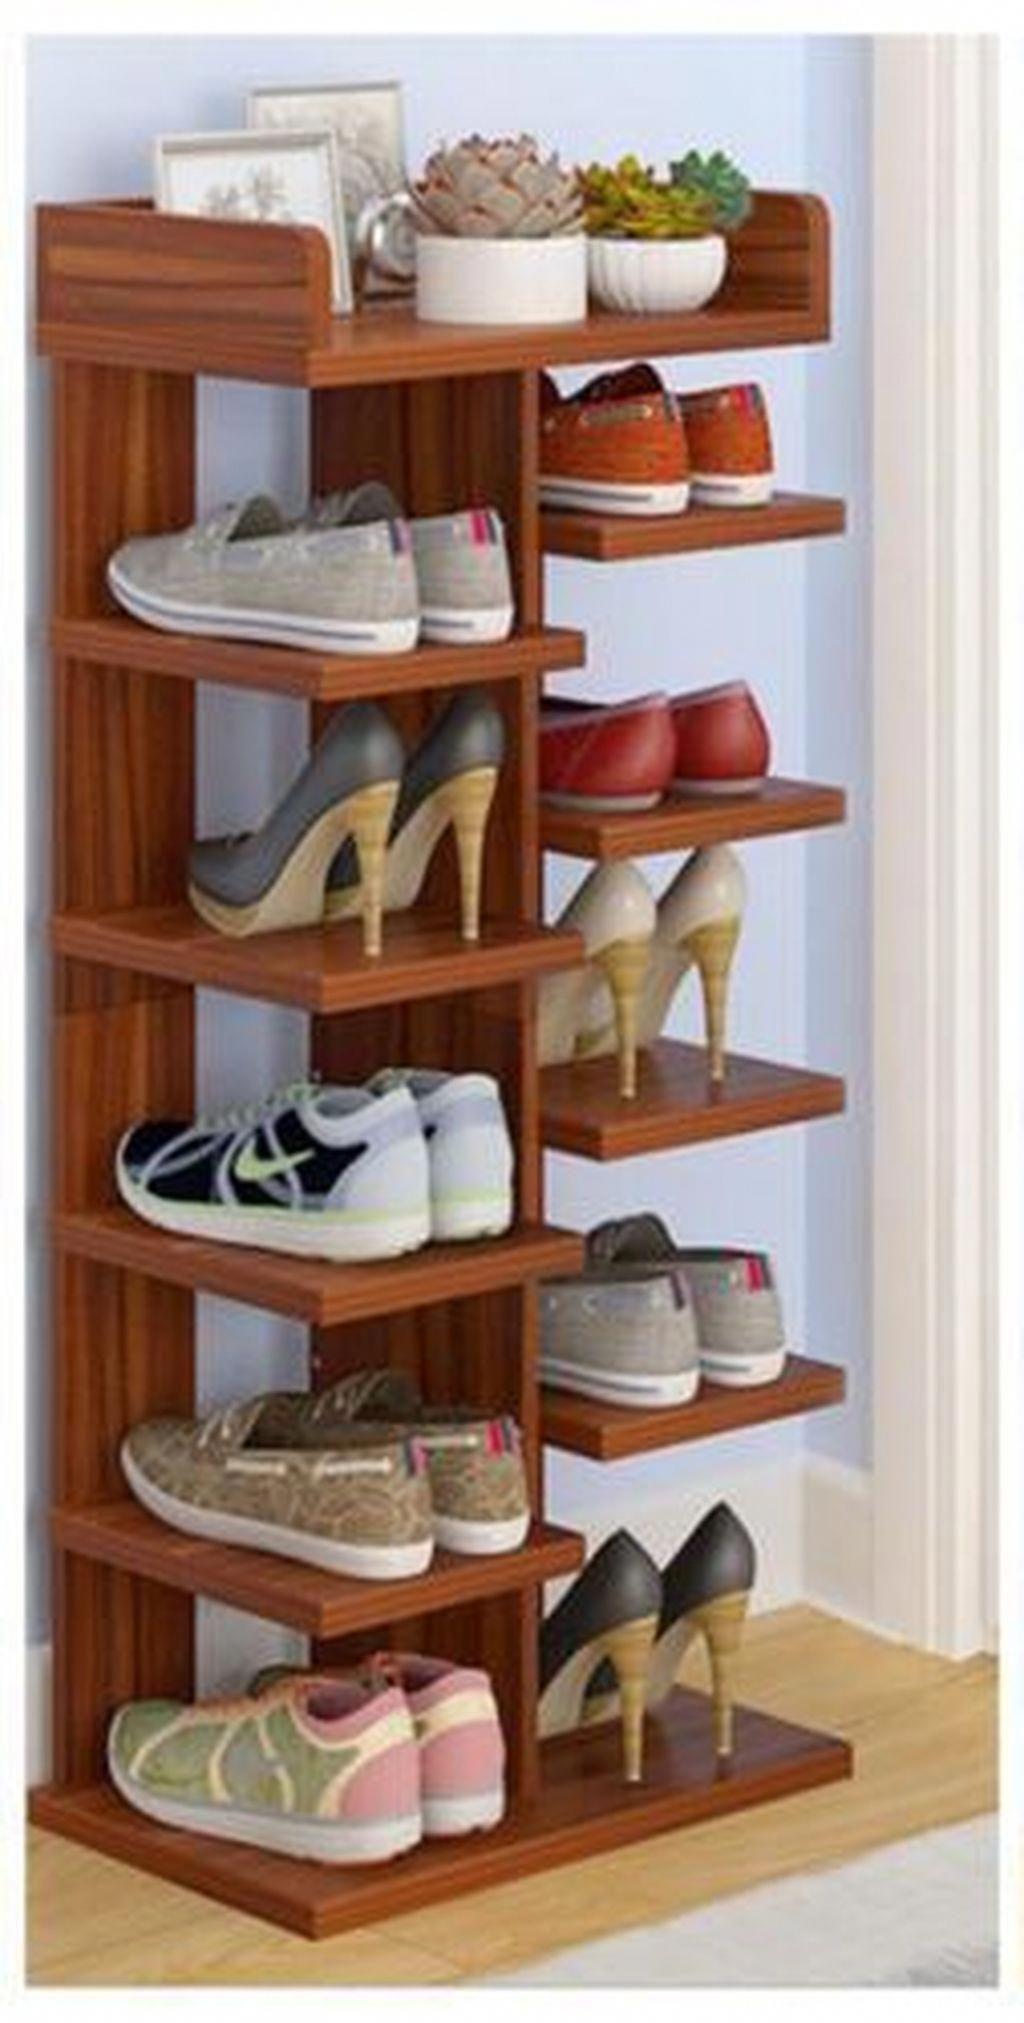 Epingle Par Miloudi Razani Sur Rangement Chaussures